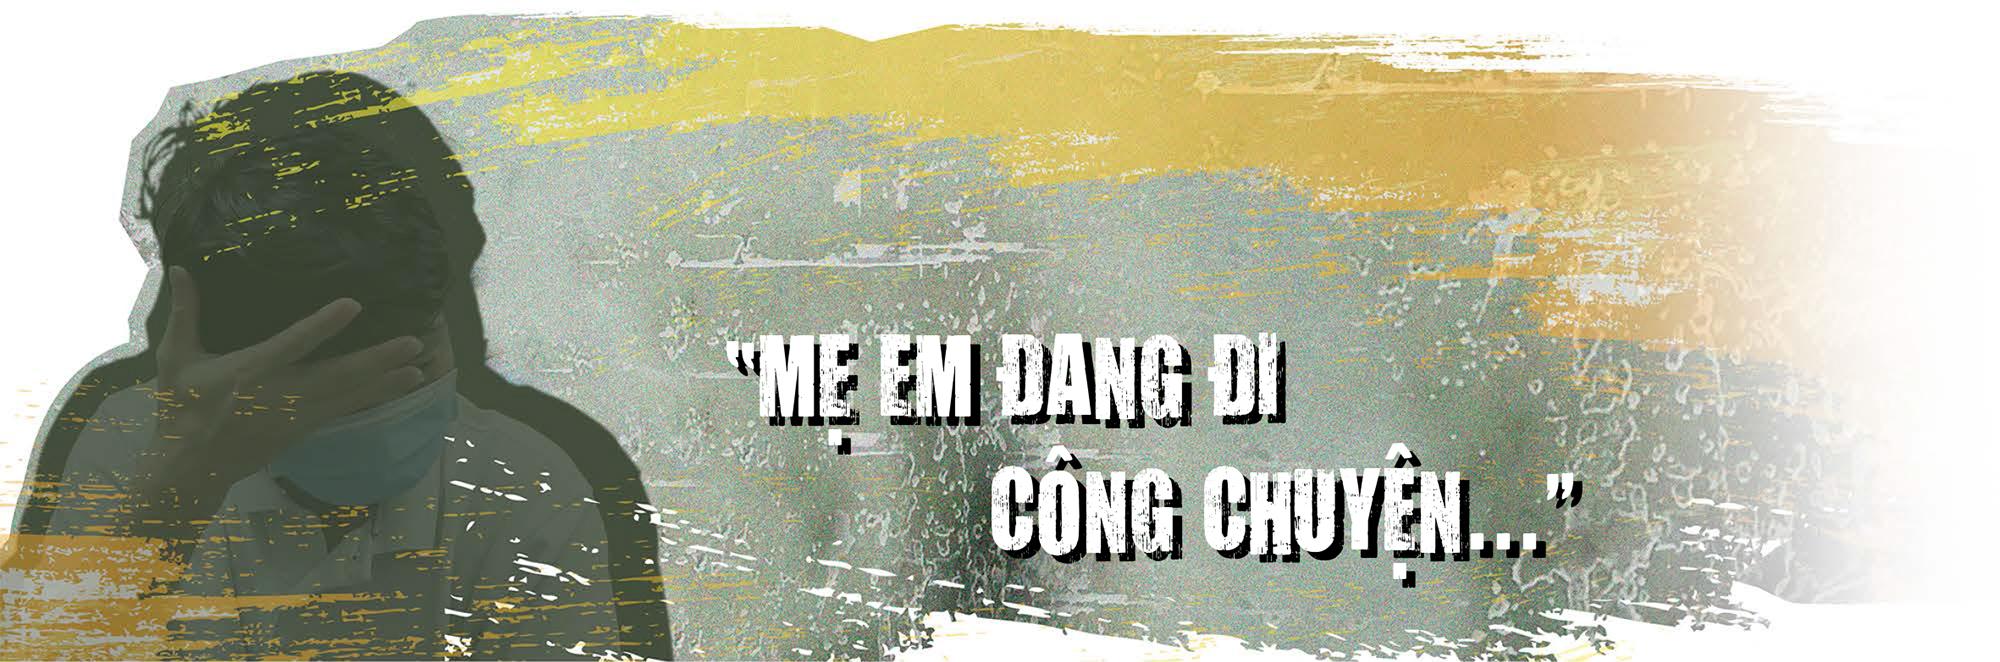 Đai dịch khốc liệt tại TP Hồ Chí Minh 1: Quặn lòng những đứa trẻ chờ mẹ trong tuyệt vọng - Ảnh 2.